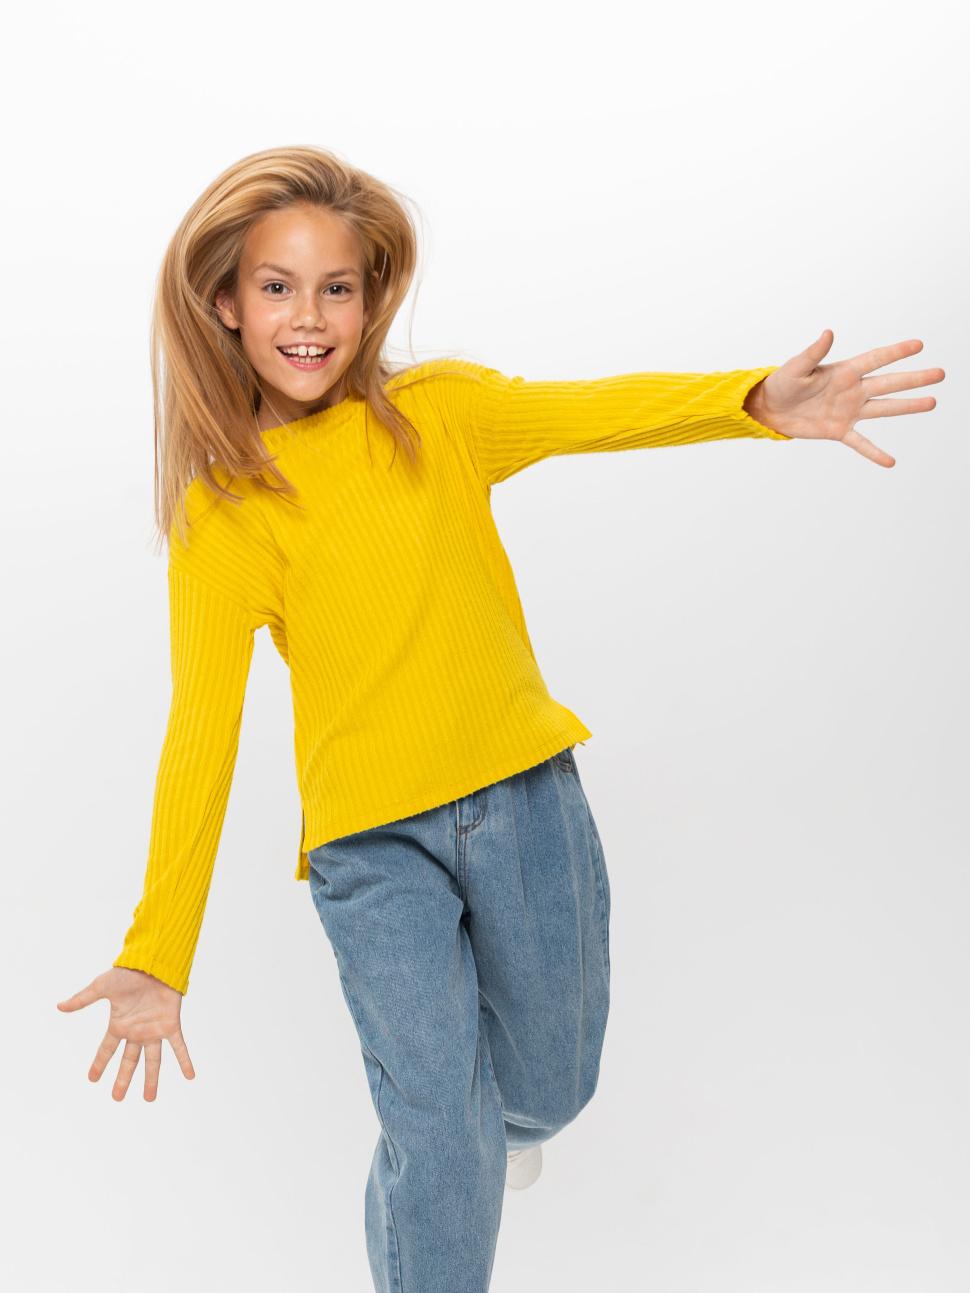 Трикотажный лонгслив в рубчик для девочек цвет: желтый, артикул: 08100502880 - купить в интернет-магазине sela